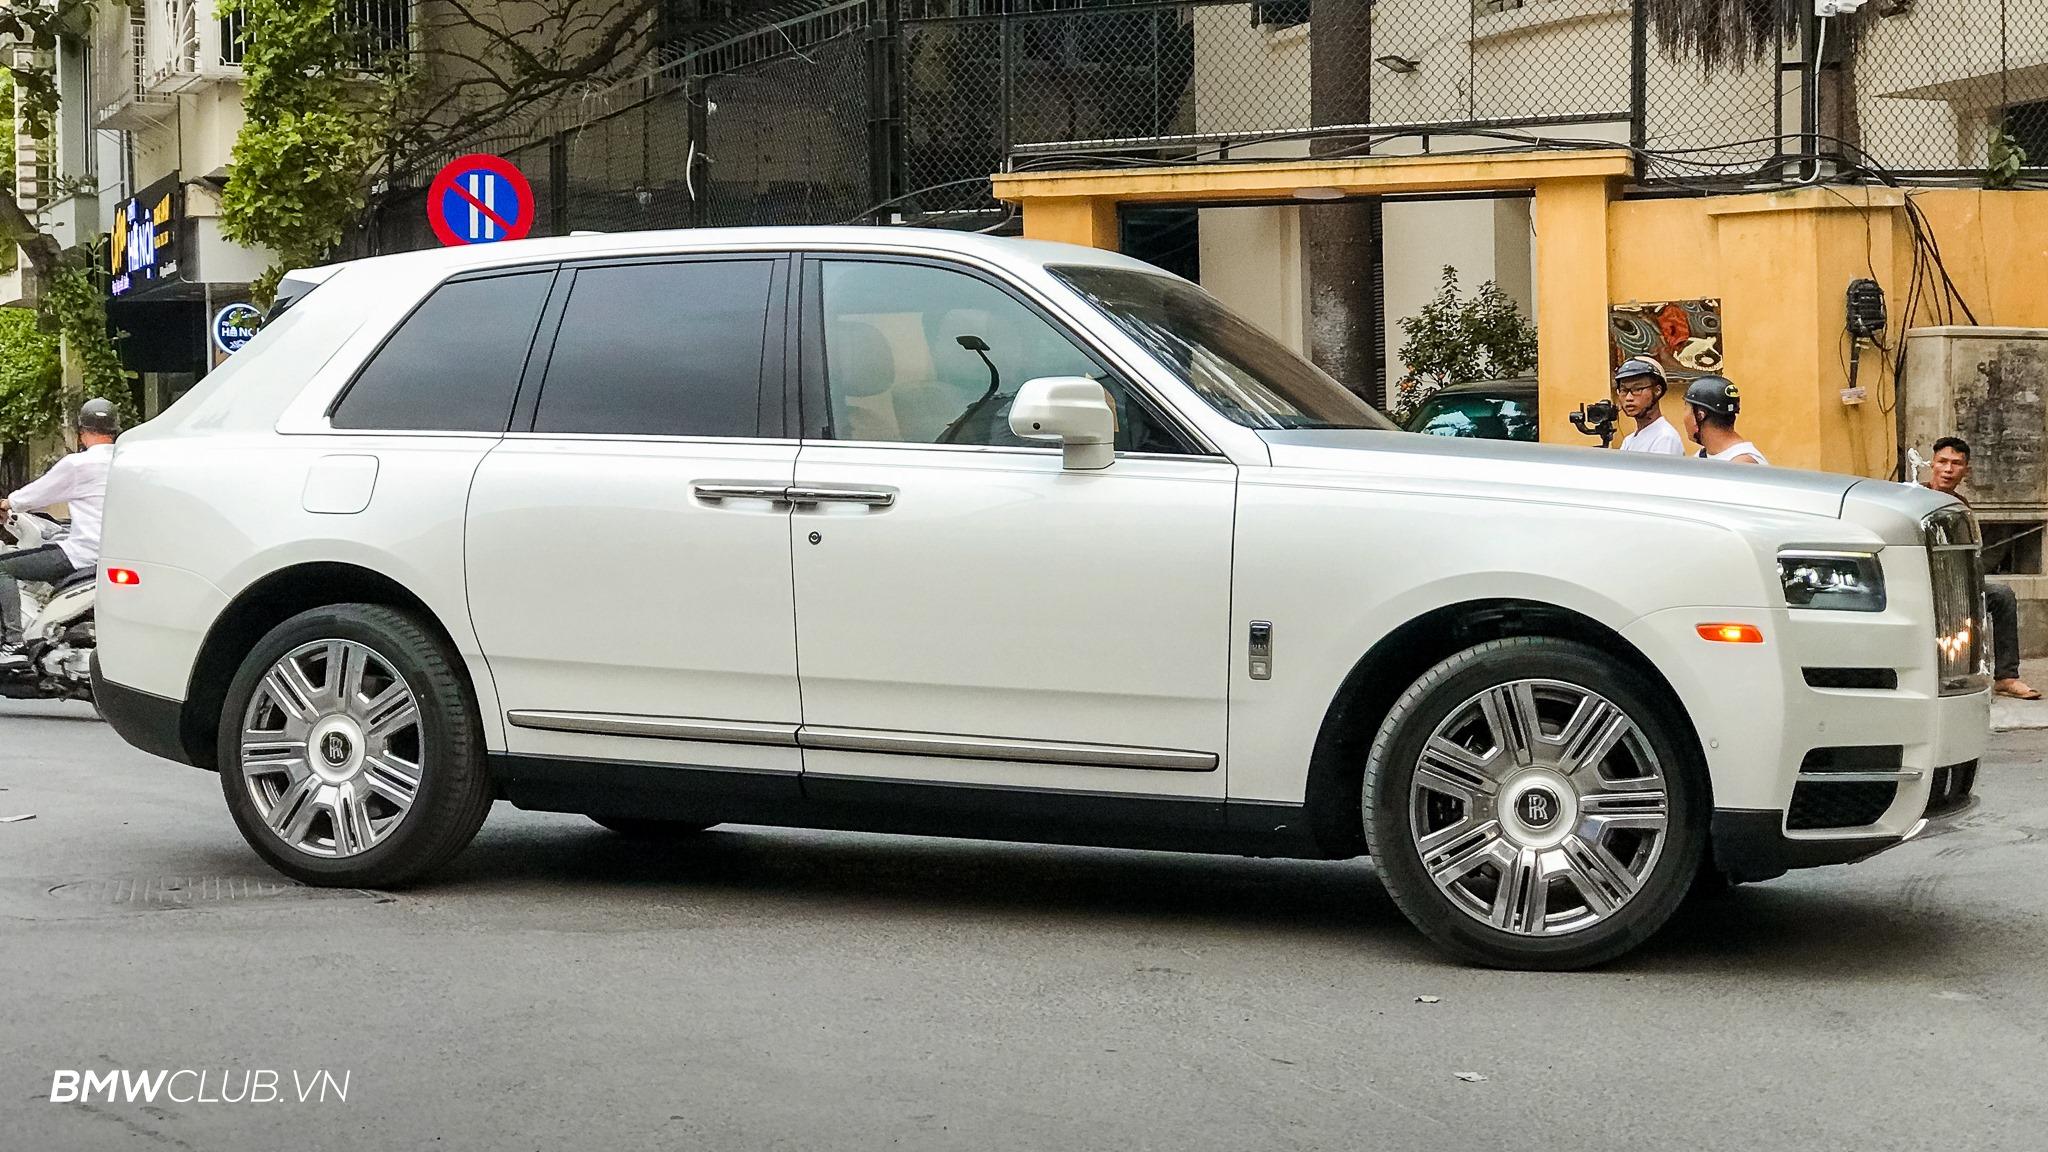 Rolls-Royce Culliman giá hơn 41 tỷ đồng đầu tiên về Việt Nam - 03